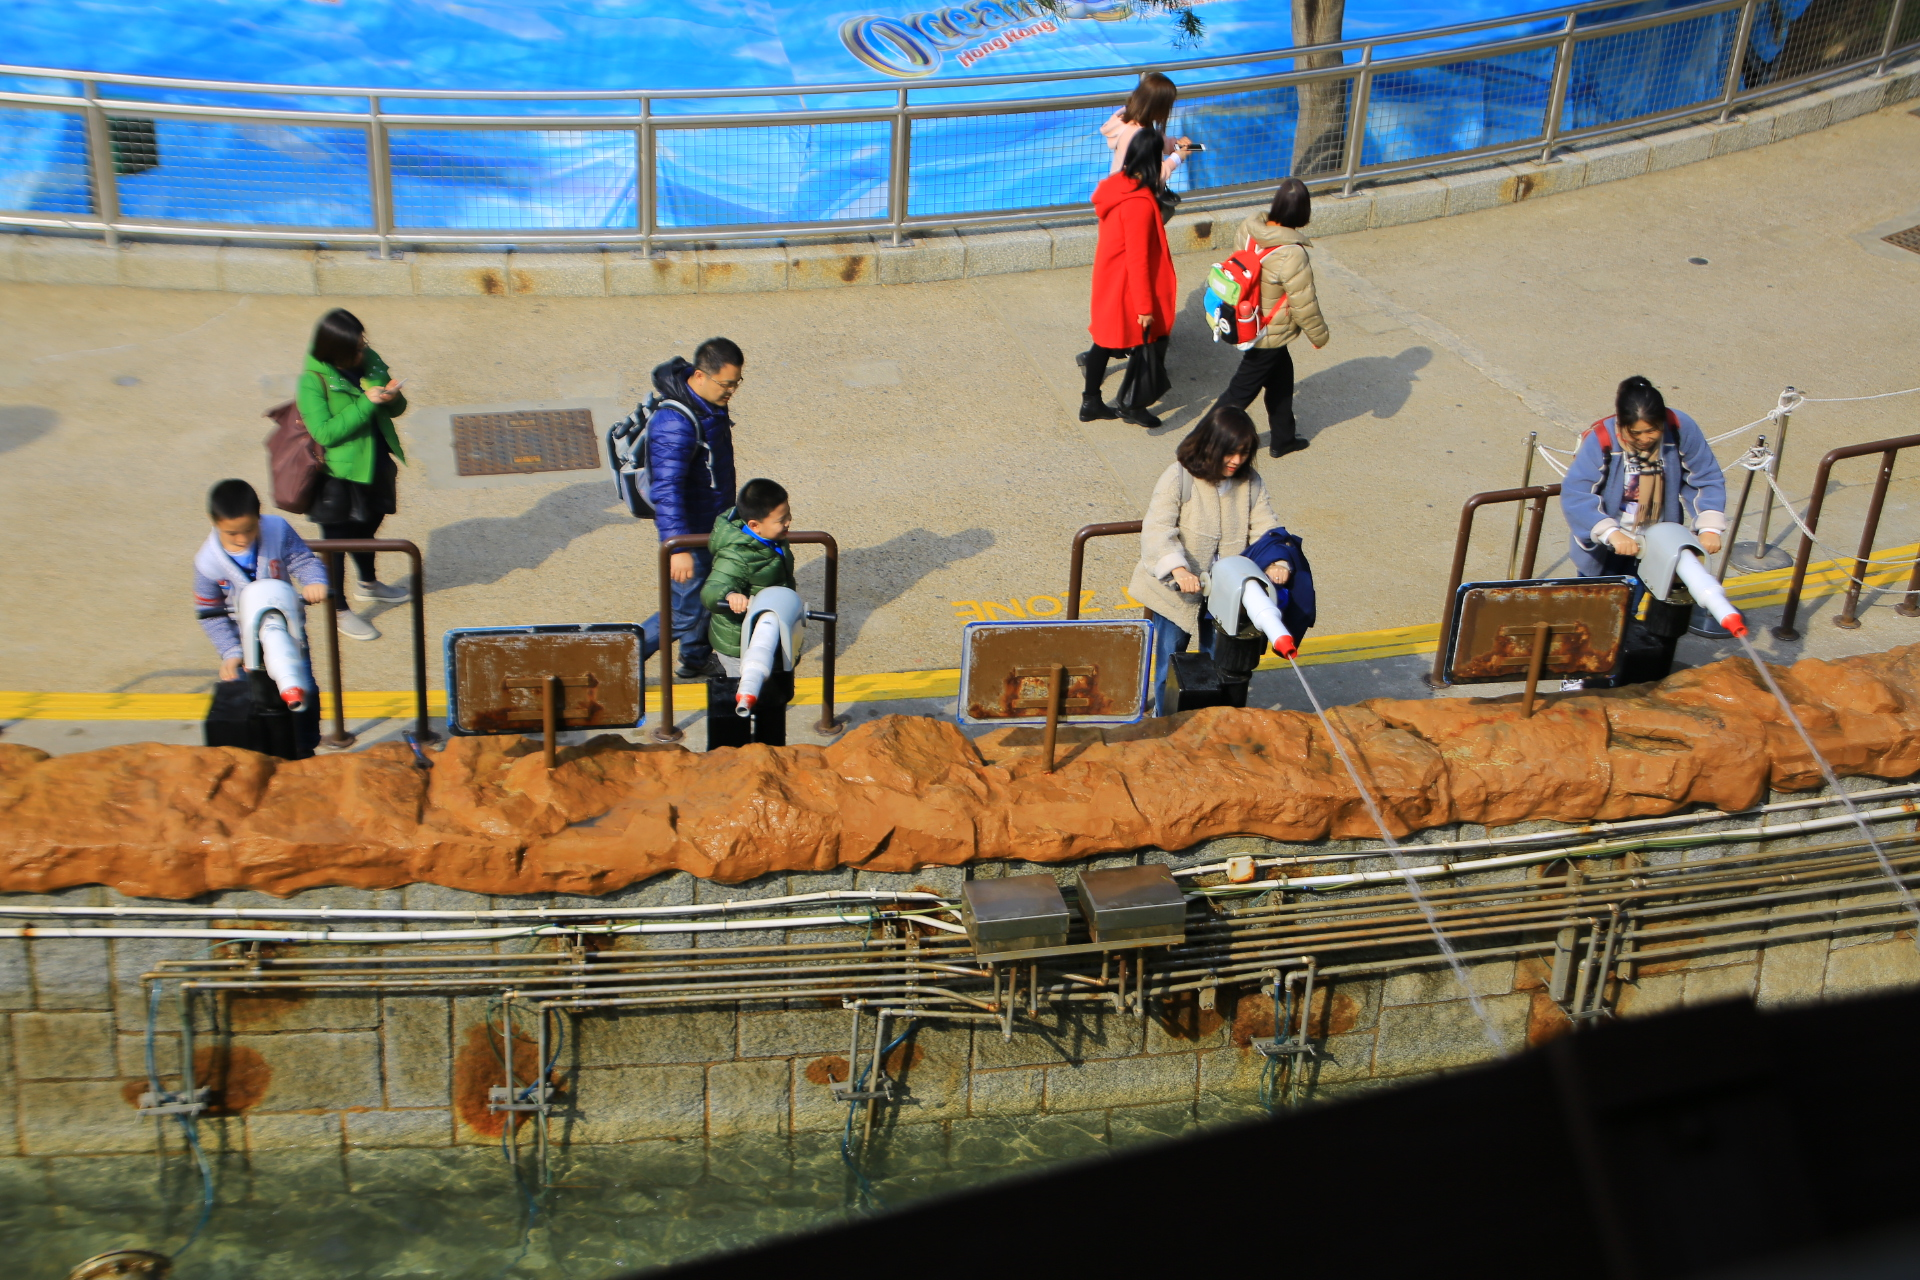 【香港海洋公園】必買必玩,便宜門票優惠,交通,App攻略,超好玩 @小環妞 幸福足跡